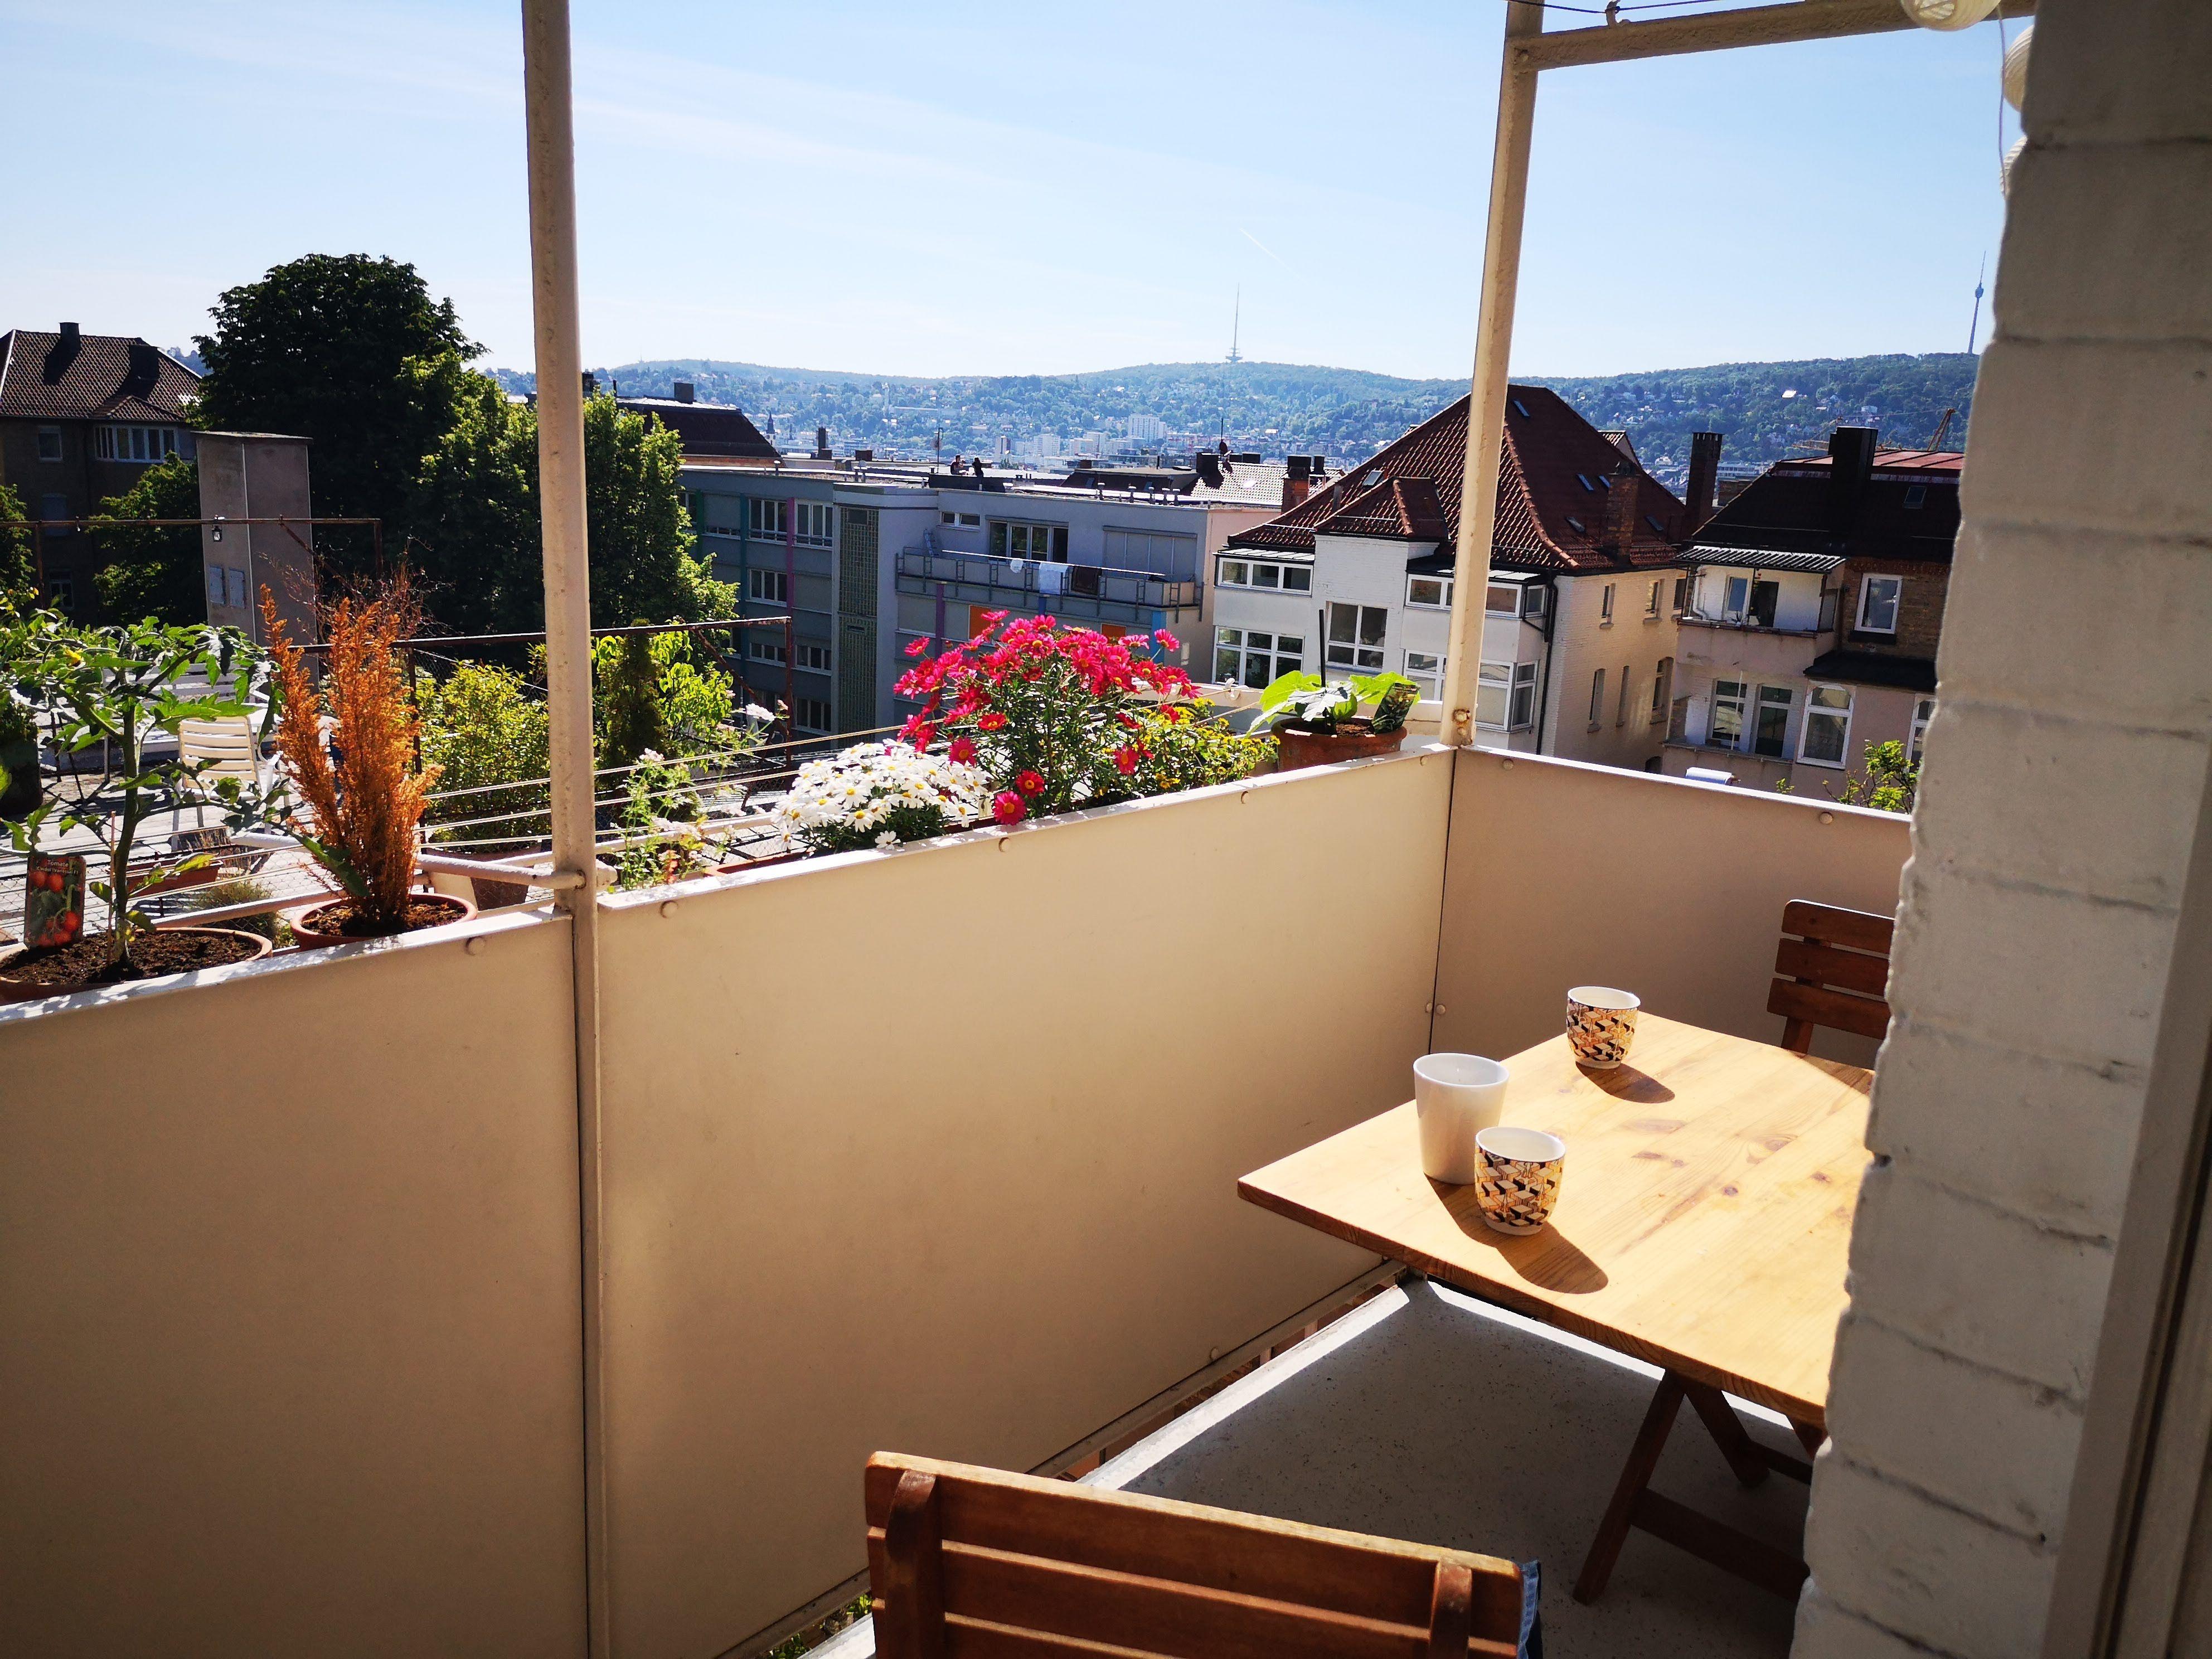 Blumiger Balkon Mit Aussicht Moderne Bader Altbau Aussicht